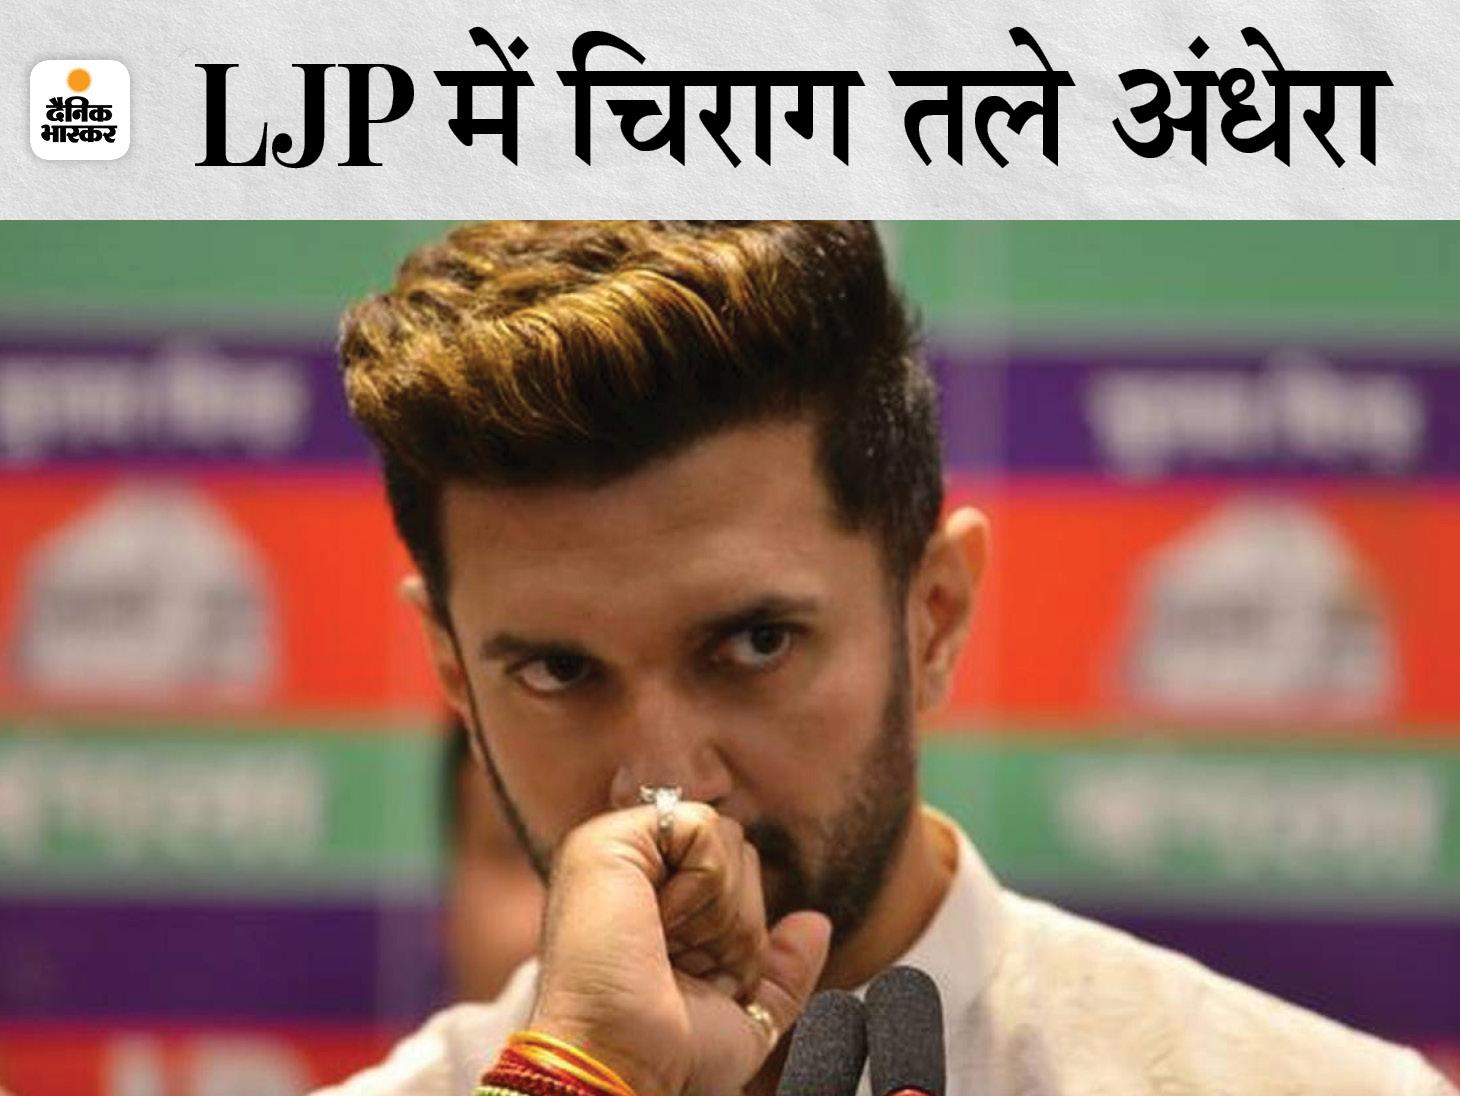 चिराग पासवान से चाचा और भाई नाराज चल रहे थे, पार्टी तोड़ने में JDU के 3 नेताओं ने निभाई बड़ी भूमिका|बिहार,Bihar - Dainik Bhaskar